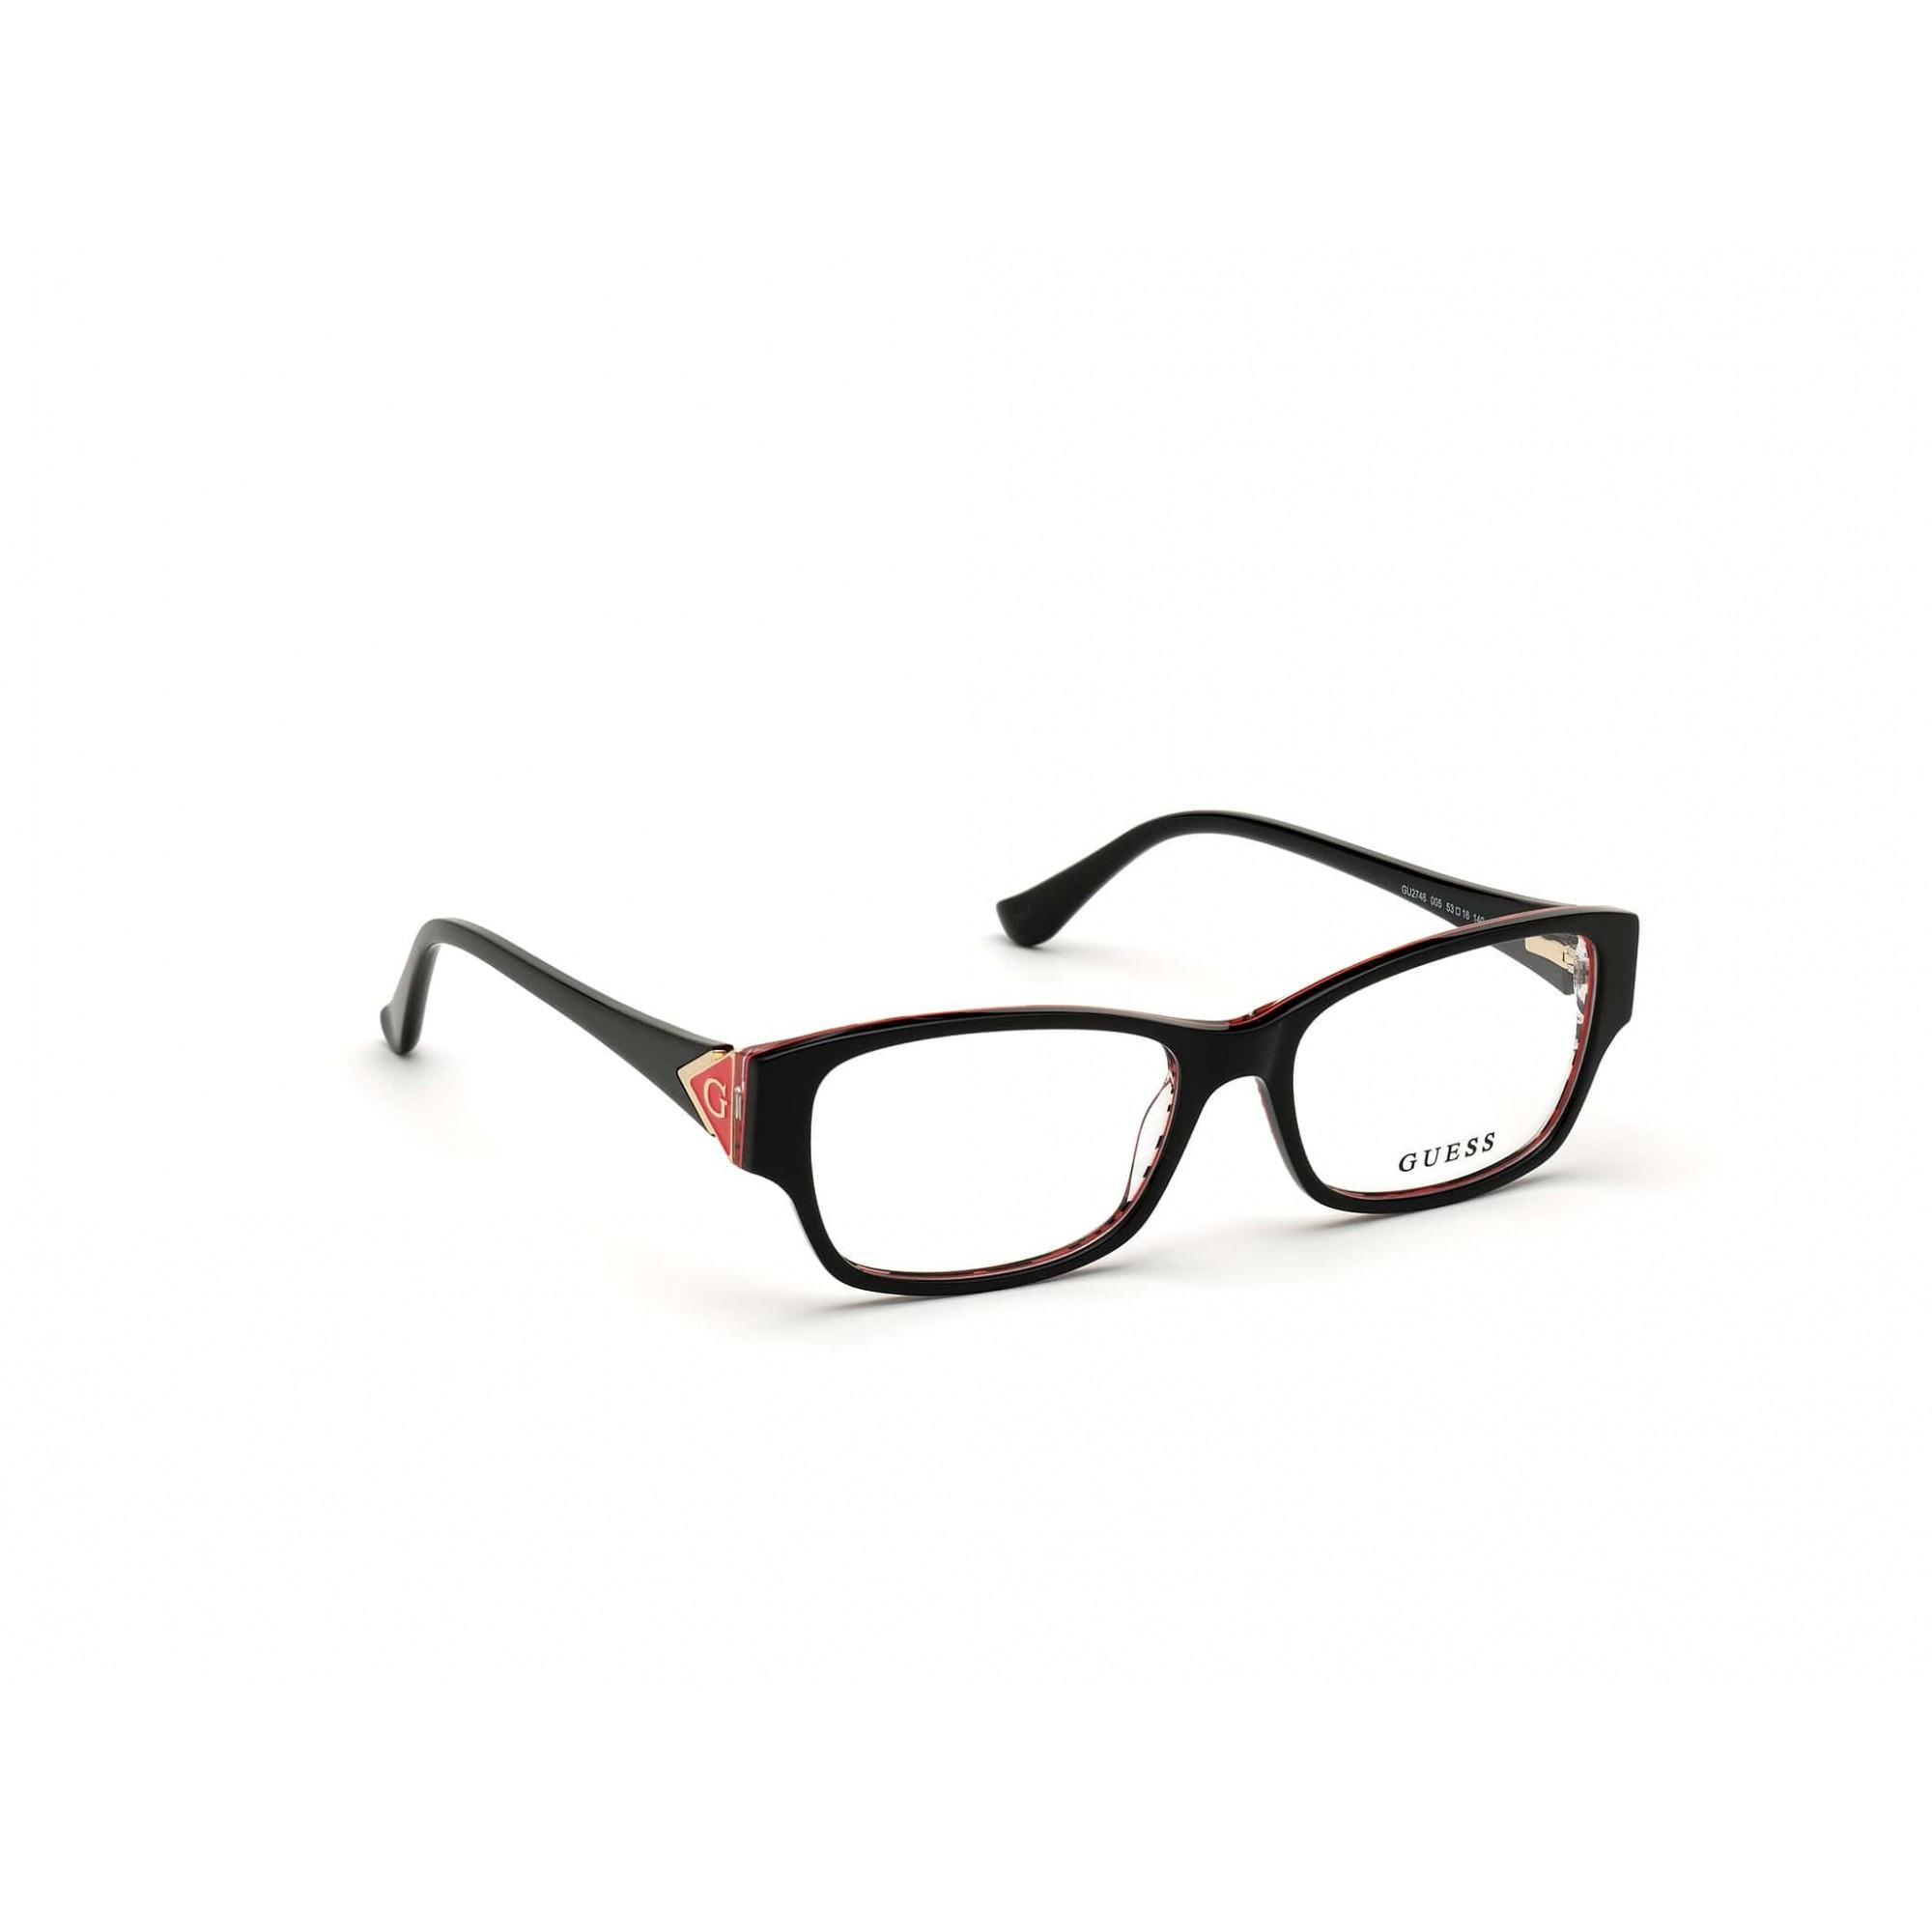 Guess - GU2748 005 53 - Óculos de grau